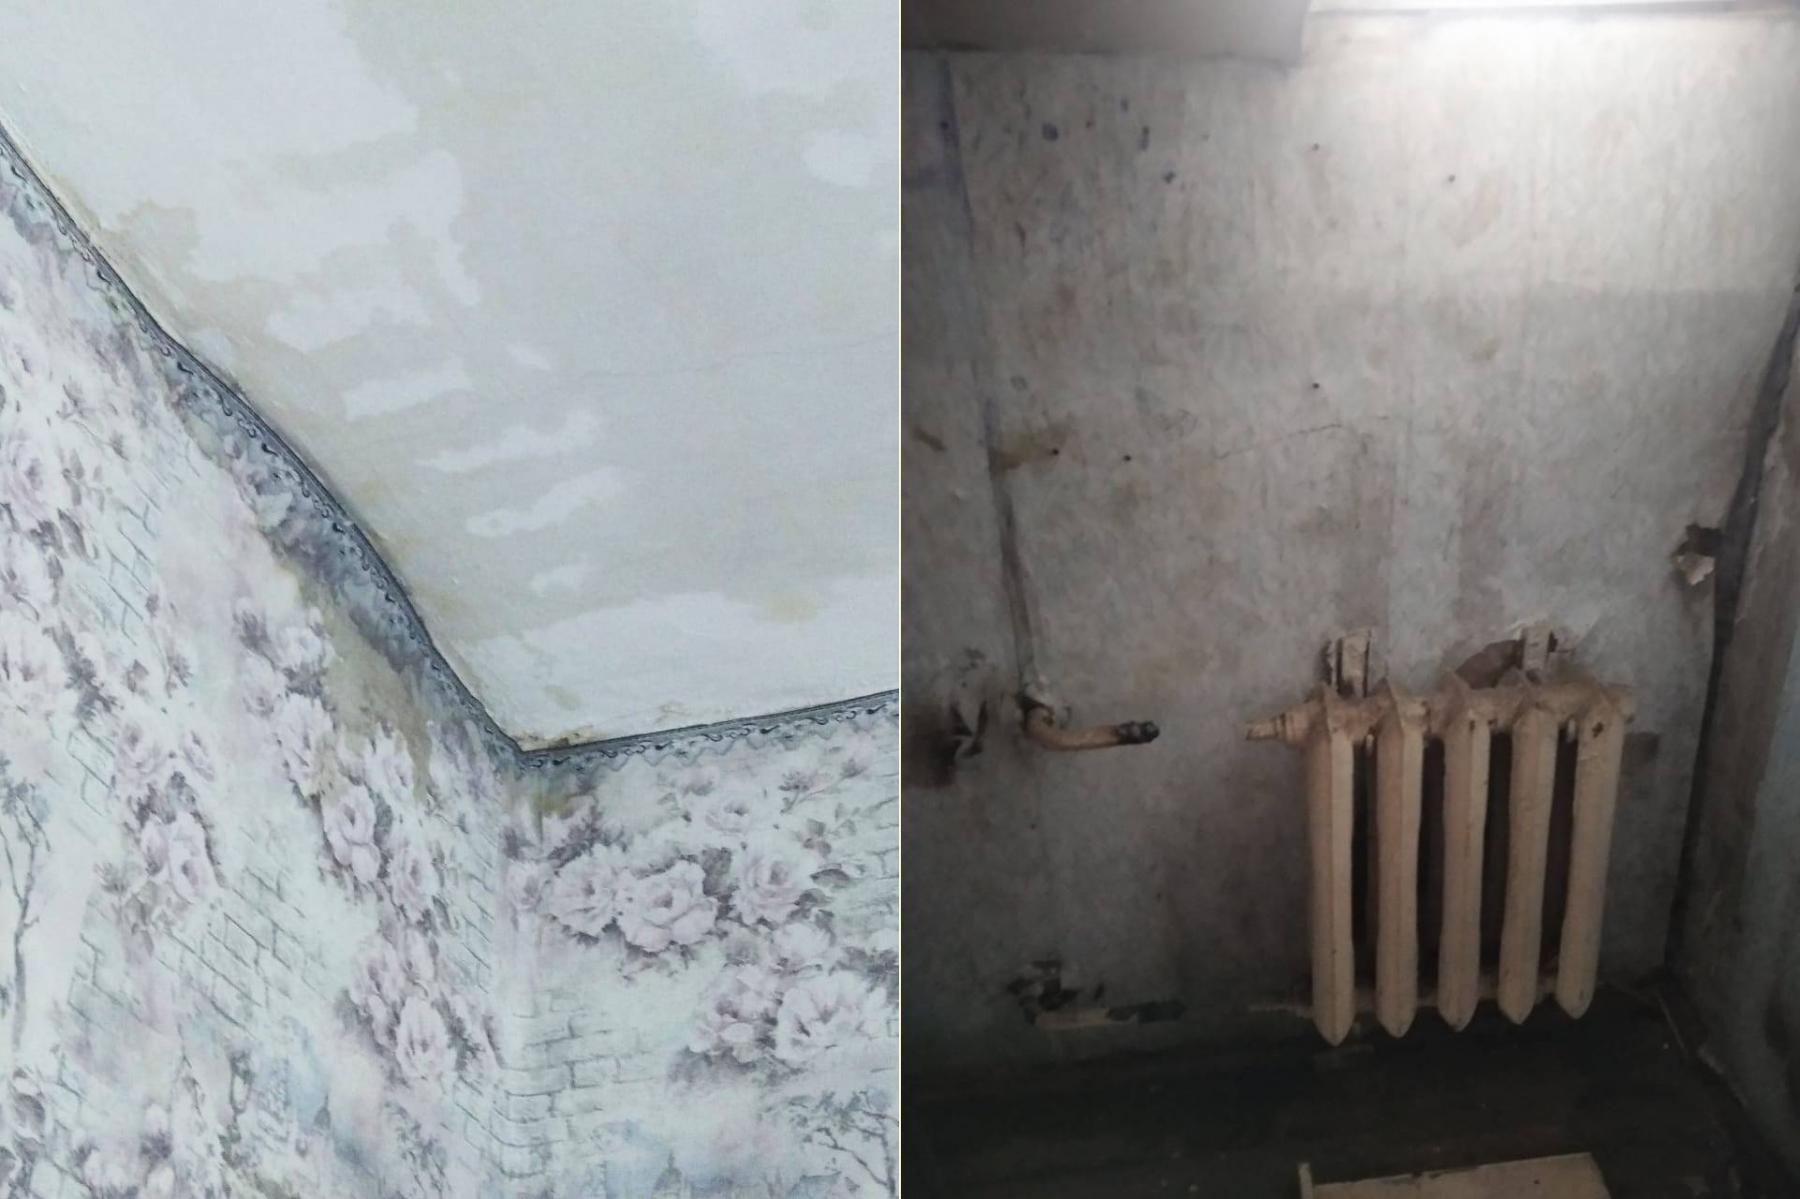 Фото «Адские трущобы 21 века»: десять жутких фото из затопленного кипятком аварийного дома в Новосибирске 8